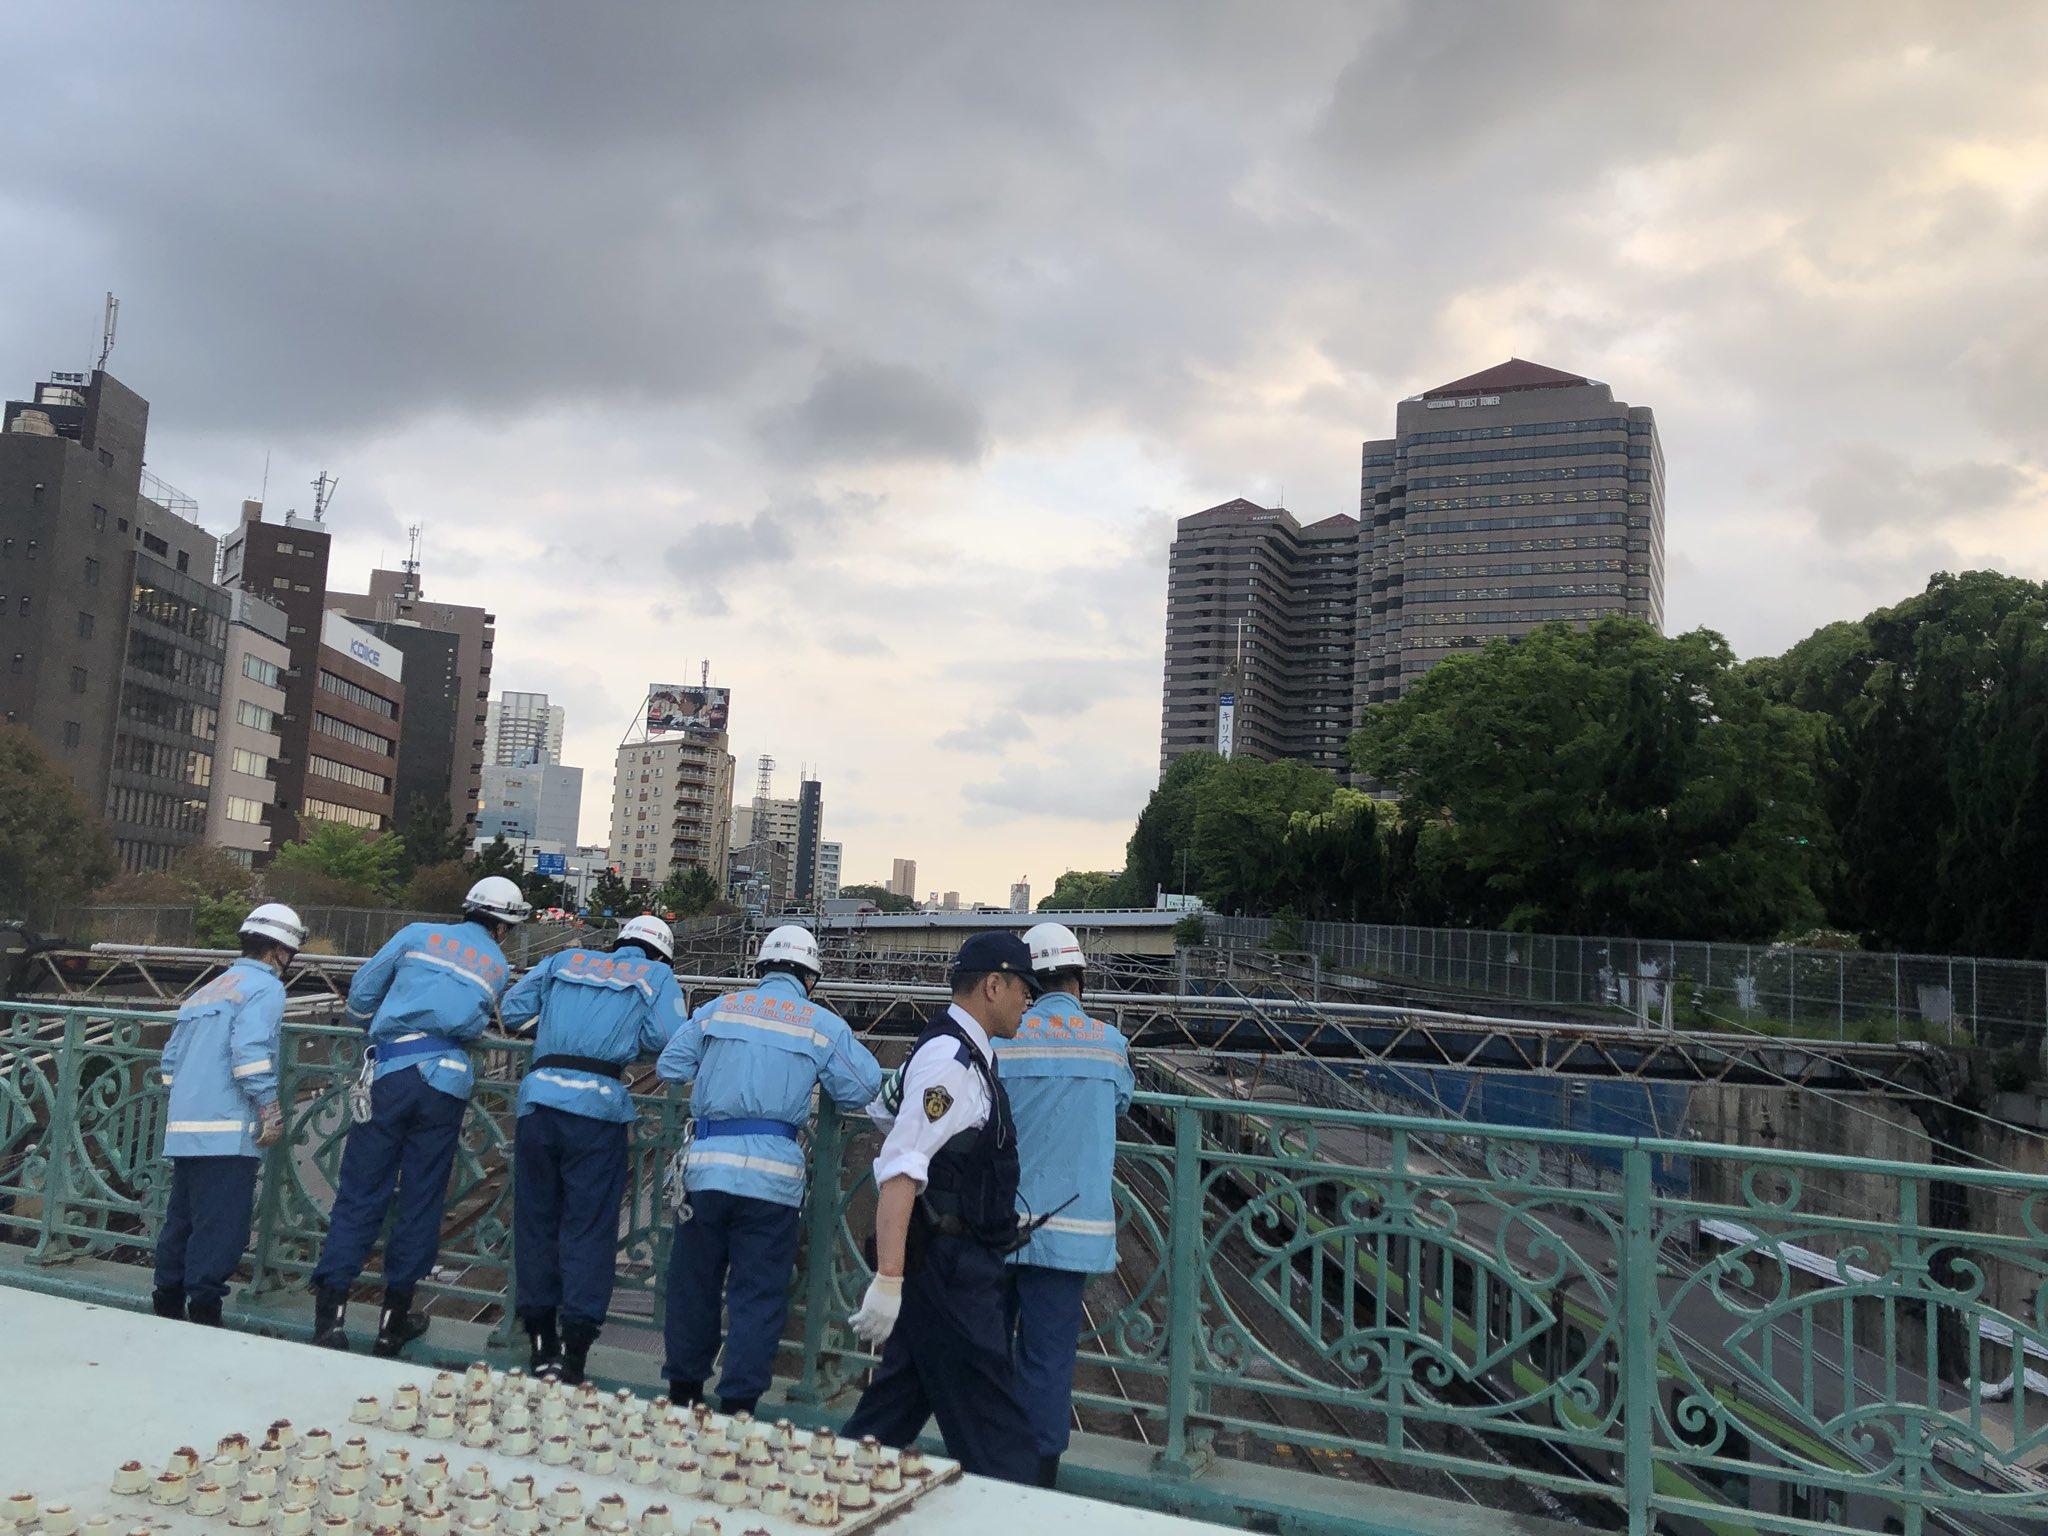 品川駅付近の人身事故で八ツ山橋で現場検証している画像